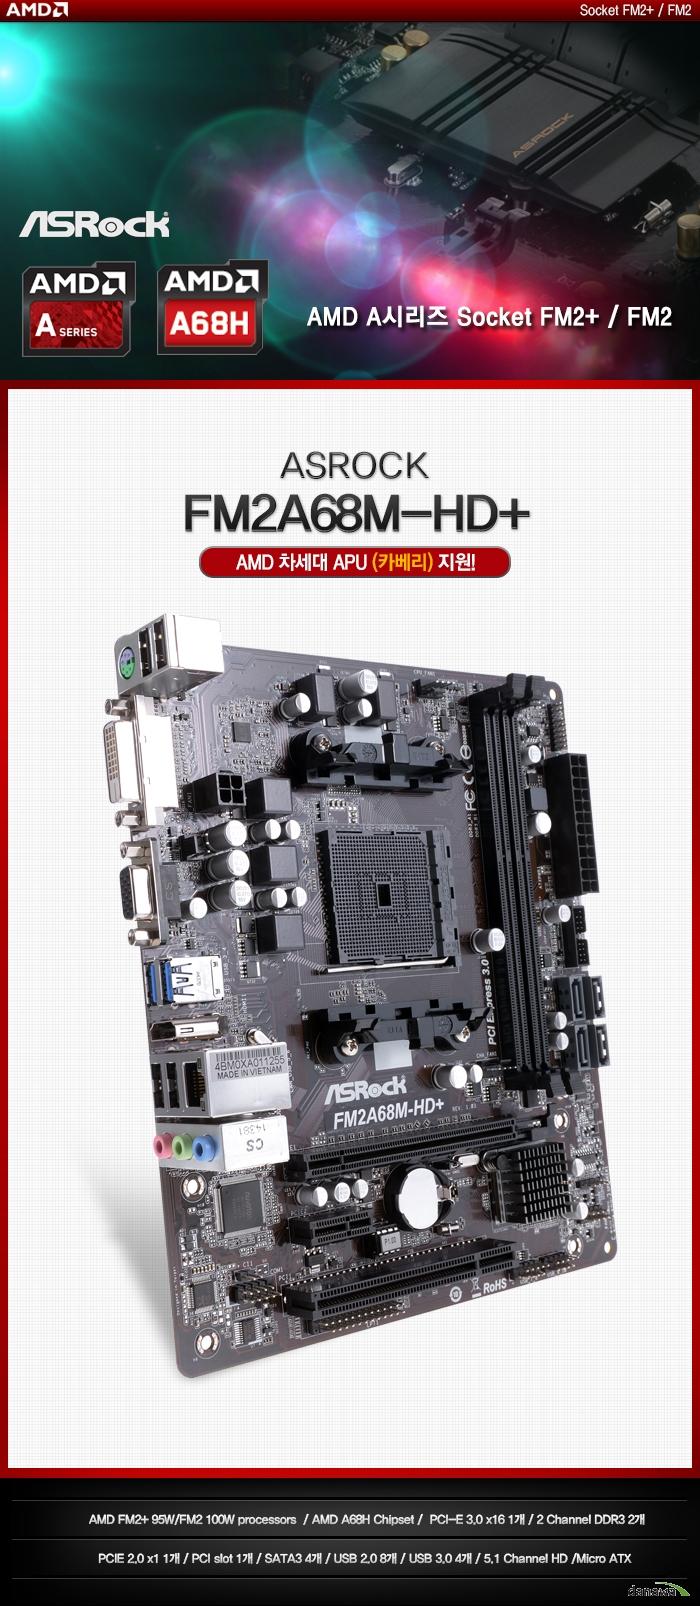 ASRock FM2A68M-HD+ 주요 특징